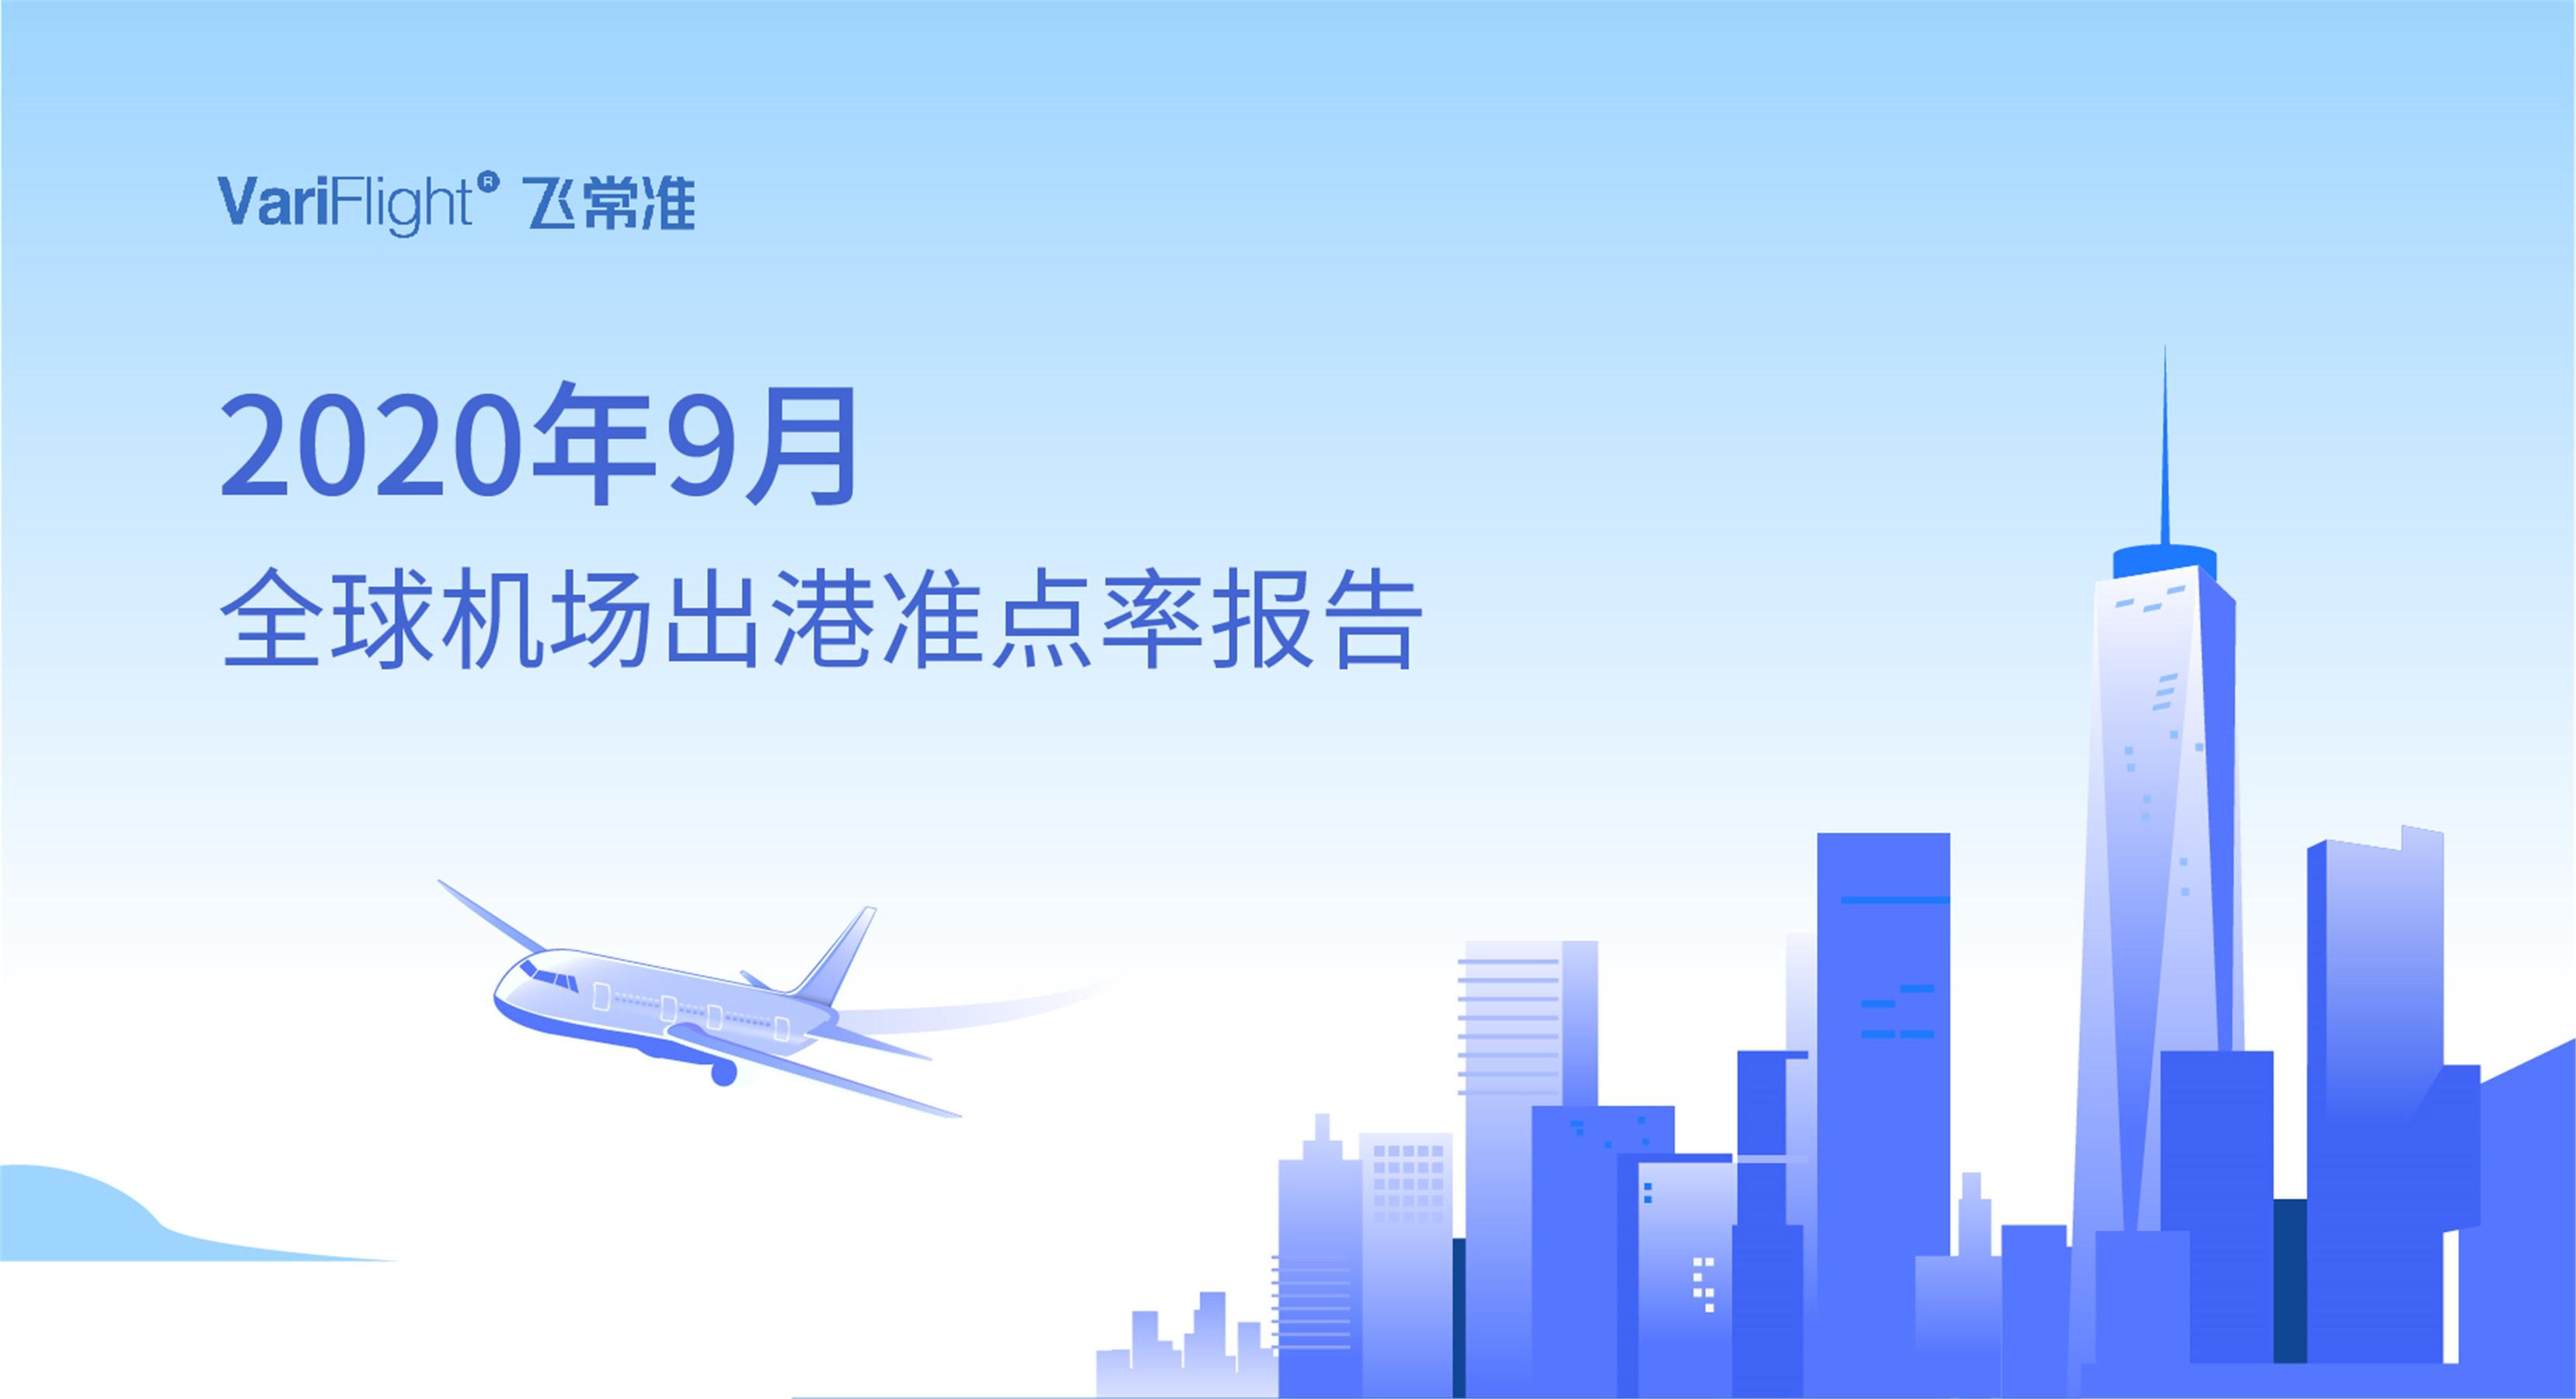 9月中国机场航班量居全球之首 航班量同比恢复超9成